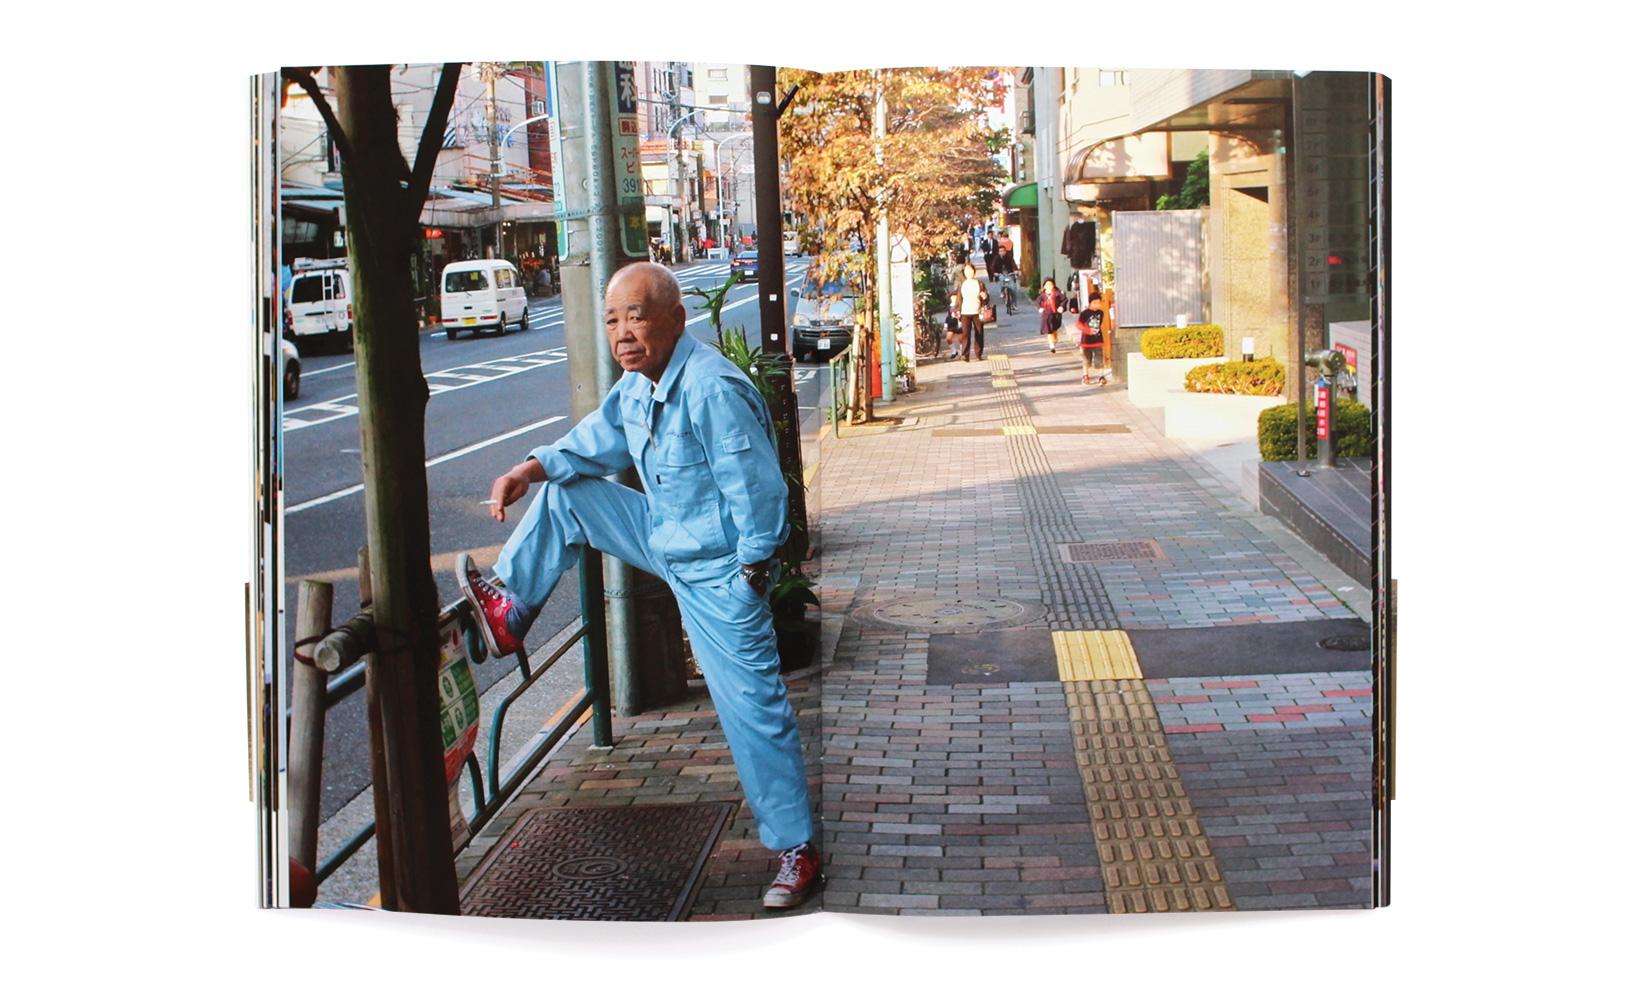 Daido-moriyama-fondation-cartier-07.jpg